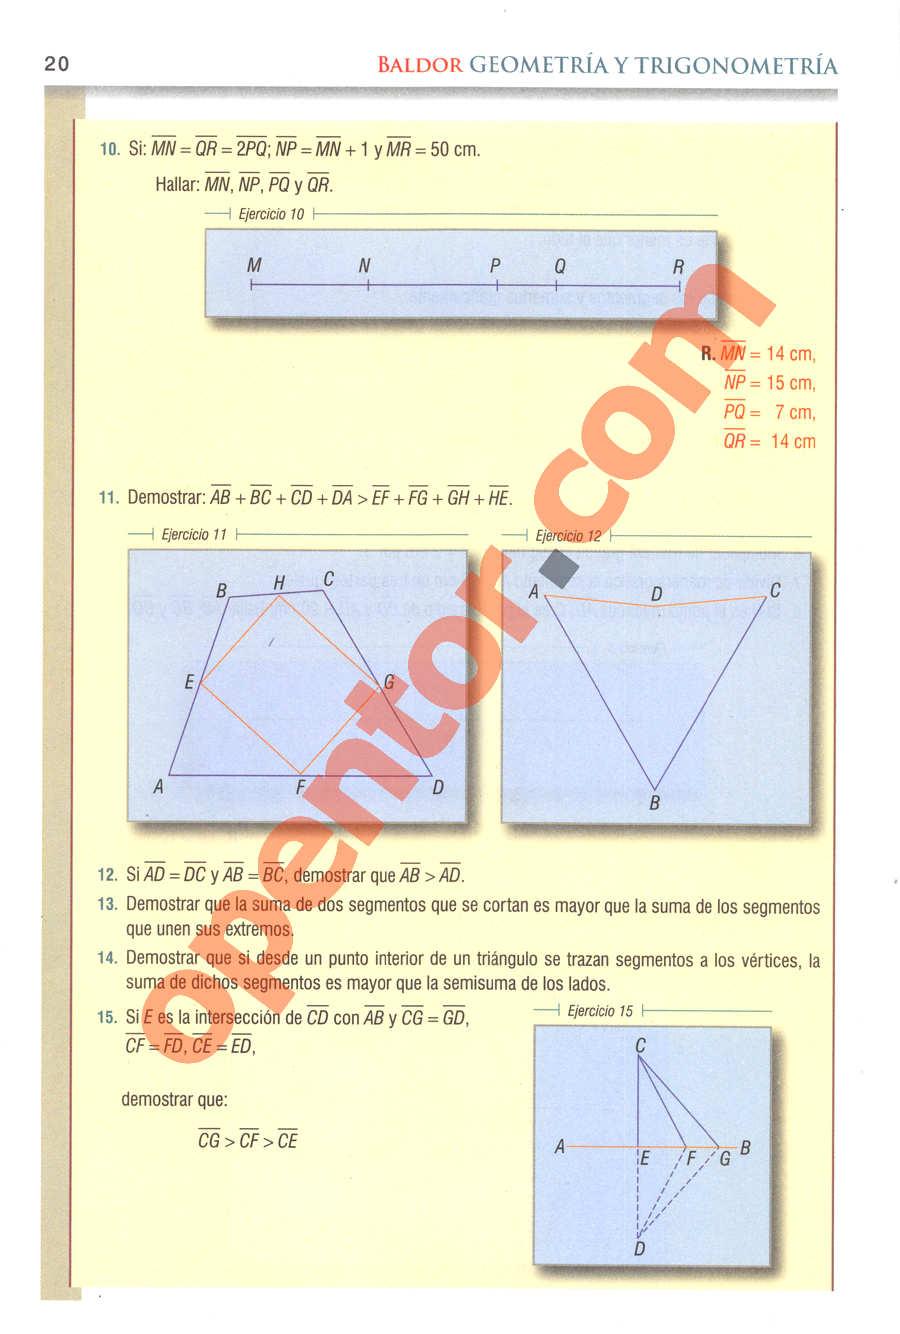 Geometría y Trigonometría de Baldor - Página 20